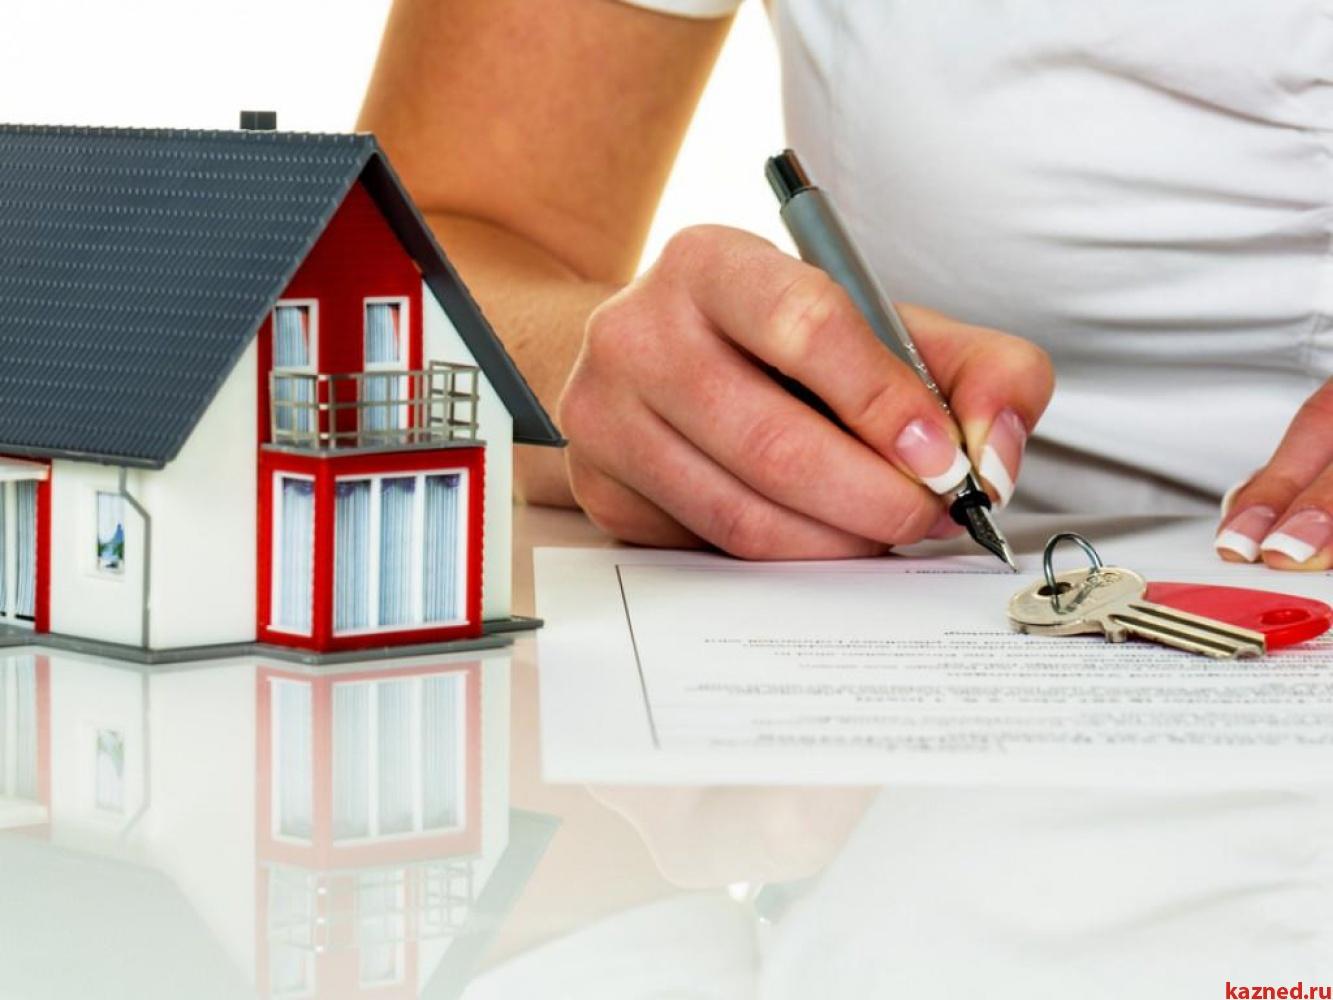 Продажа и покупка недвижимости в Таормина